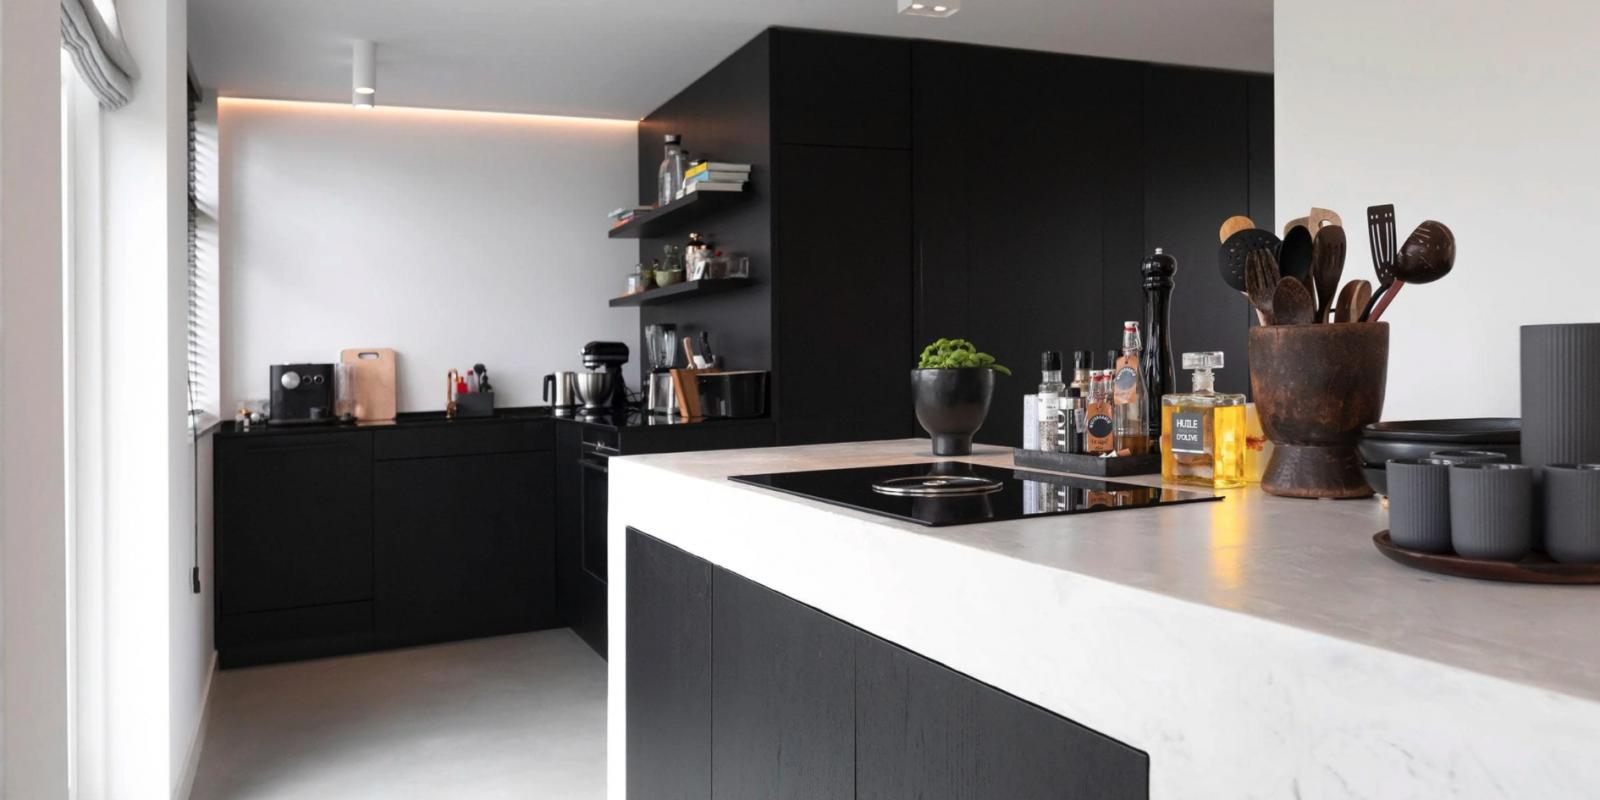 Keuken op maat met composiet look laten maken in Rotterdam